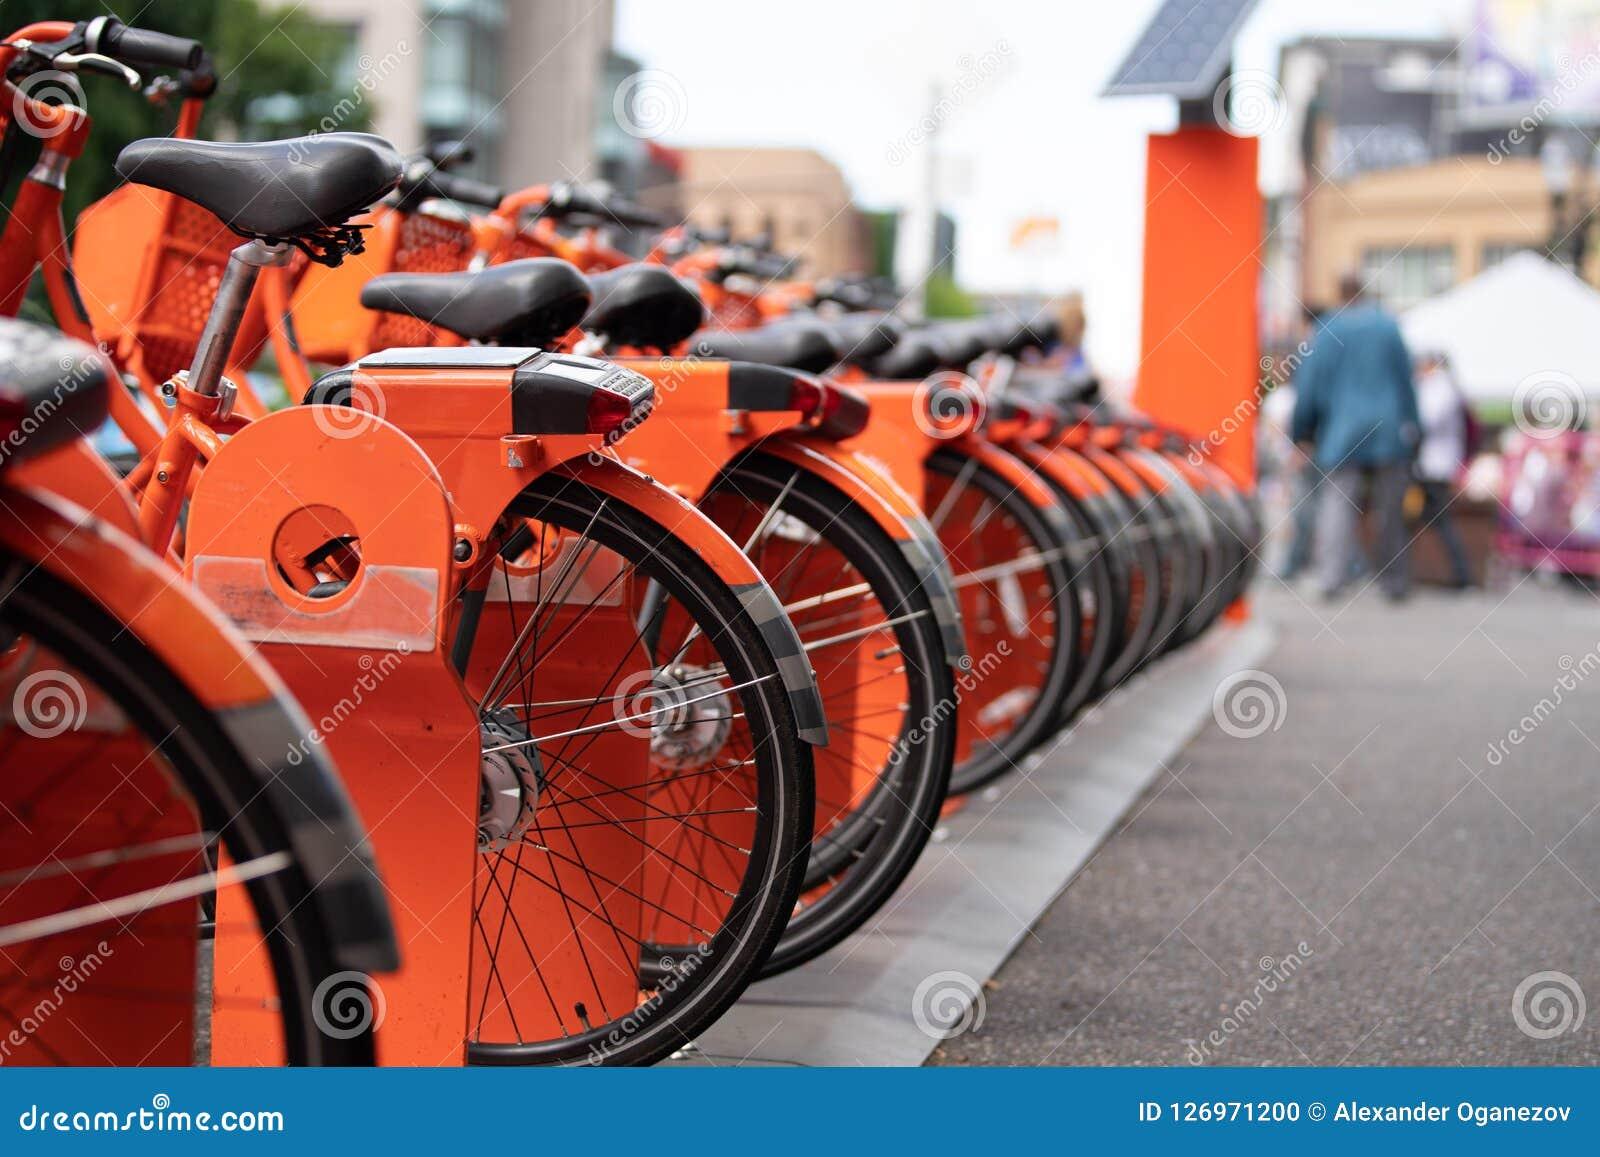 Оранжевая езда деля велосипеды